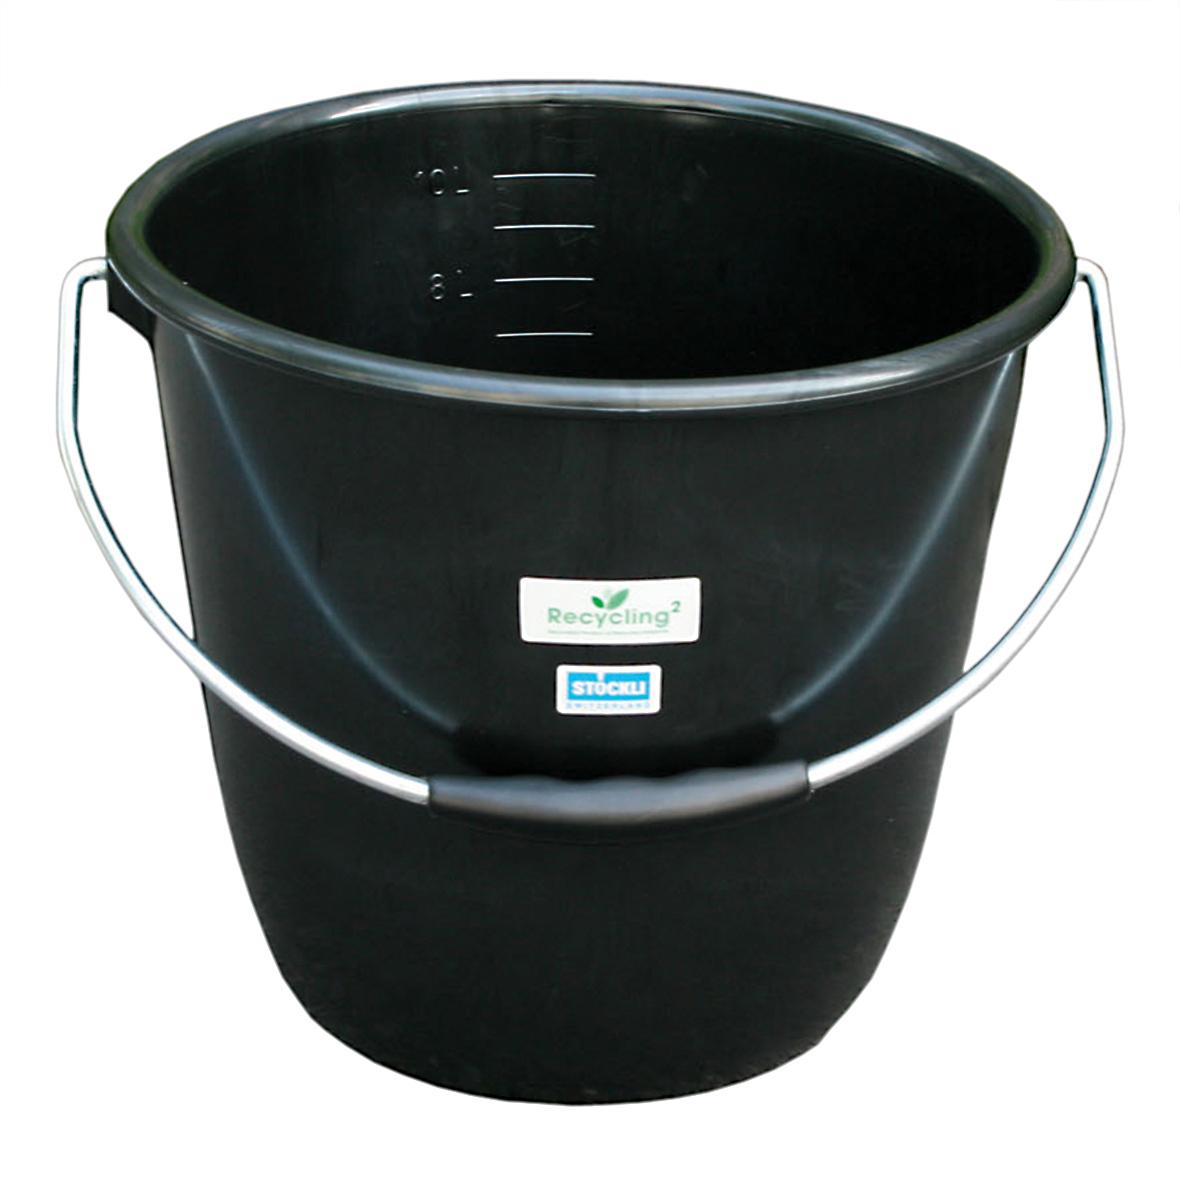 Eimer 10l Recycling von Stöckli